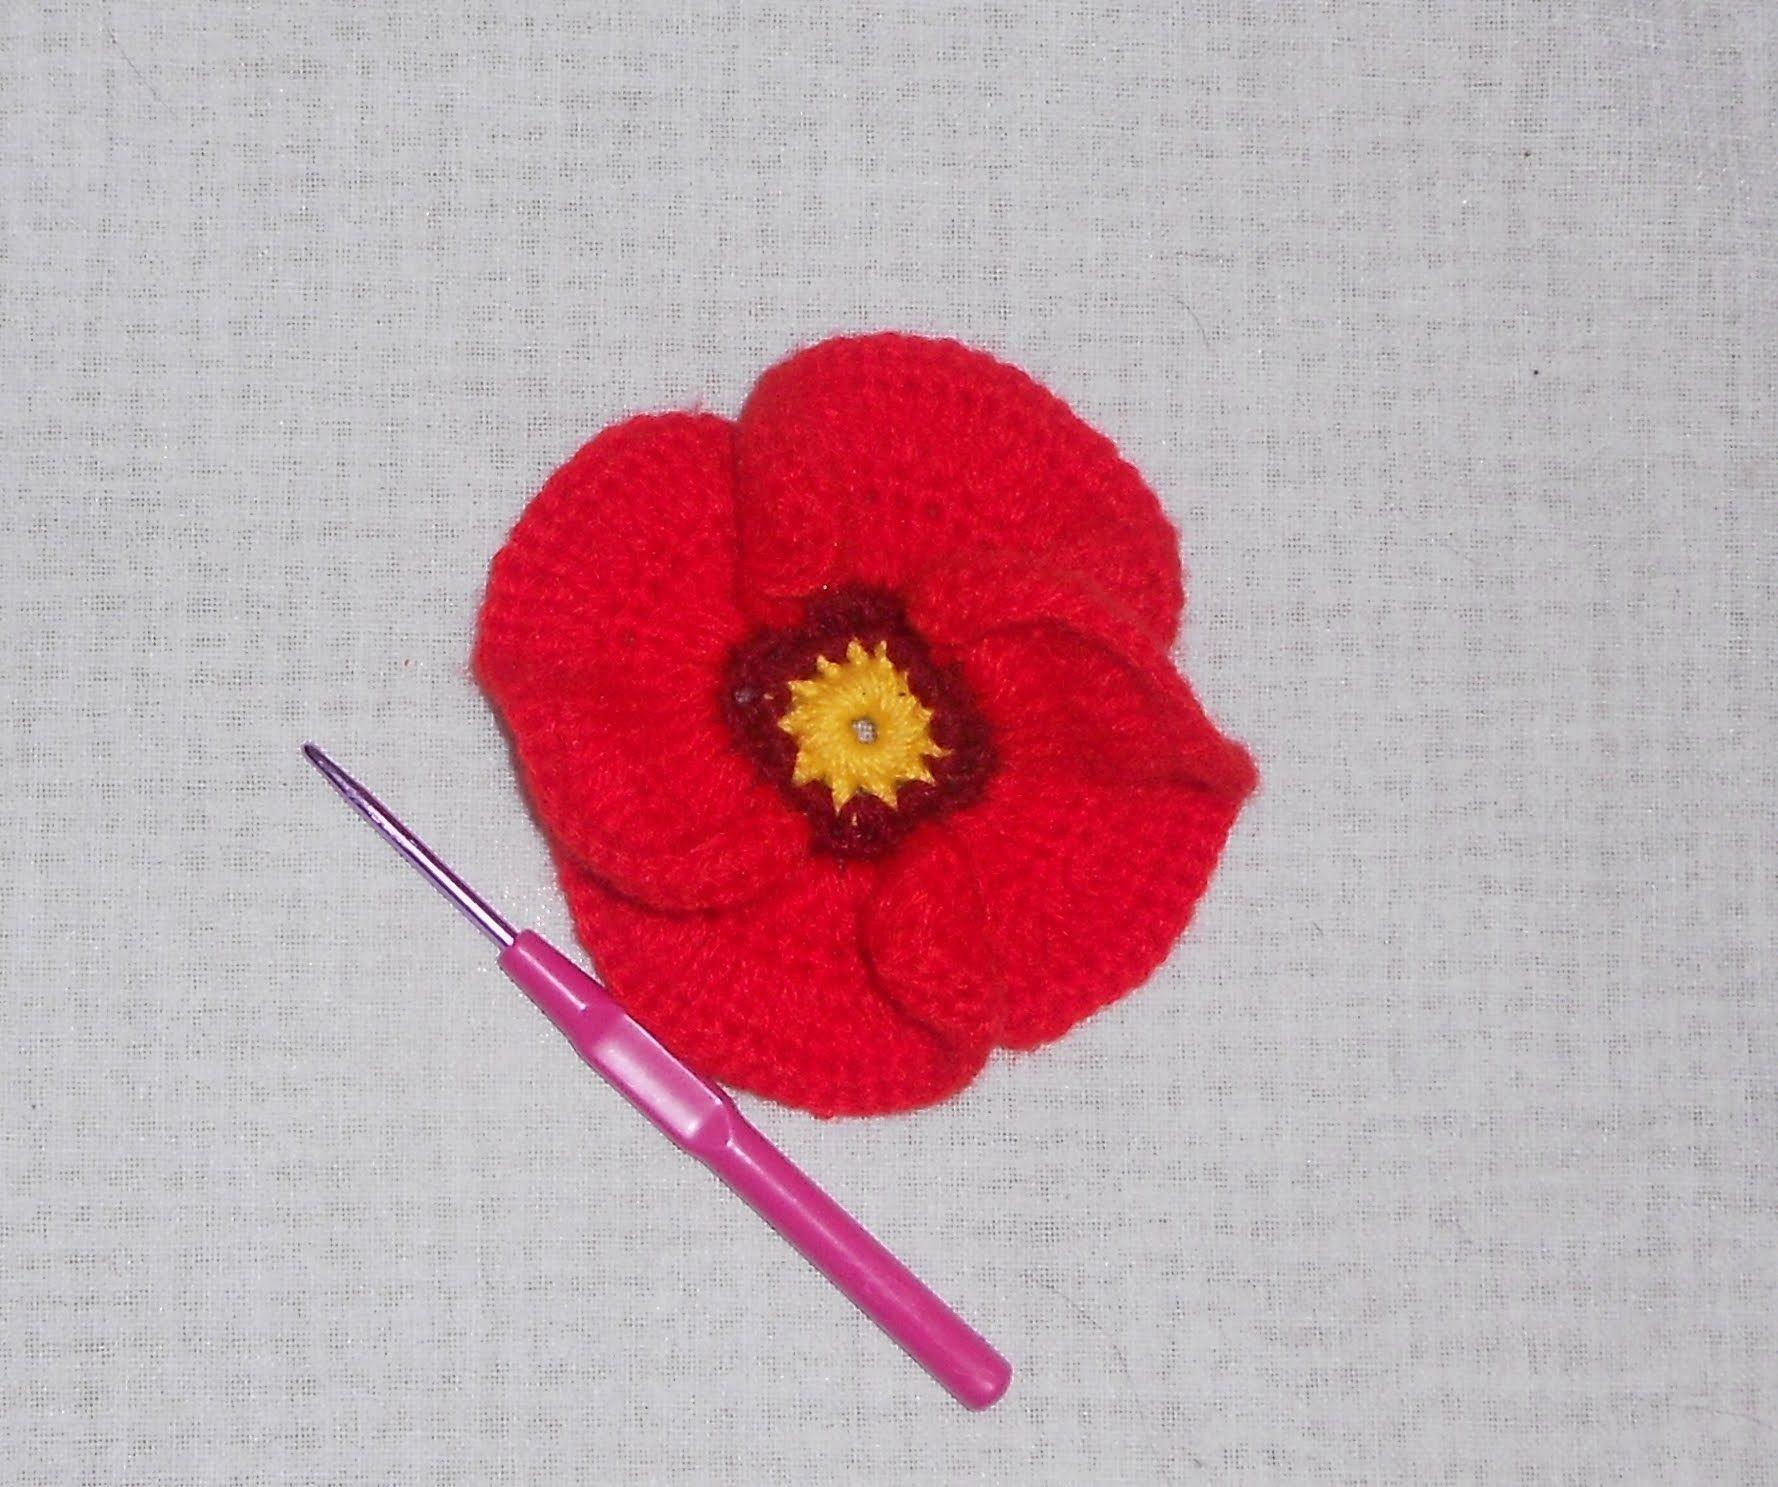 Uncinetto crochet fiore papavero crochet poppy flower ganchillo uncinetto crochet fiore papavero crochet poppy flower ganchillo izmirmasajfo